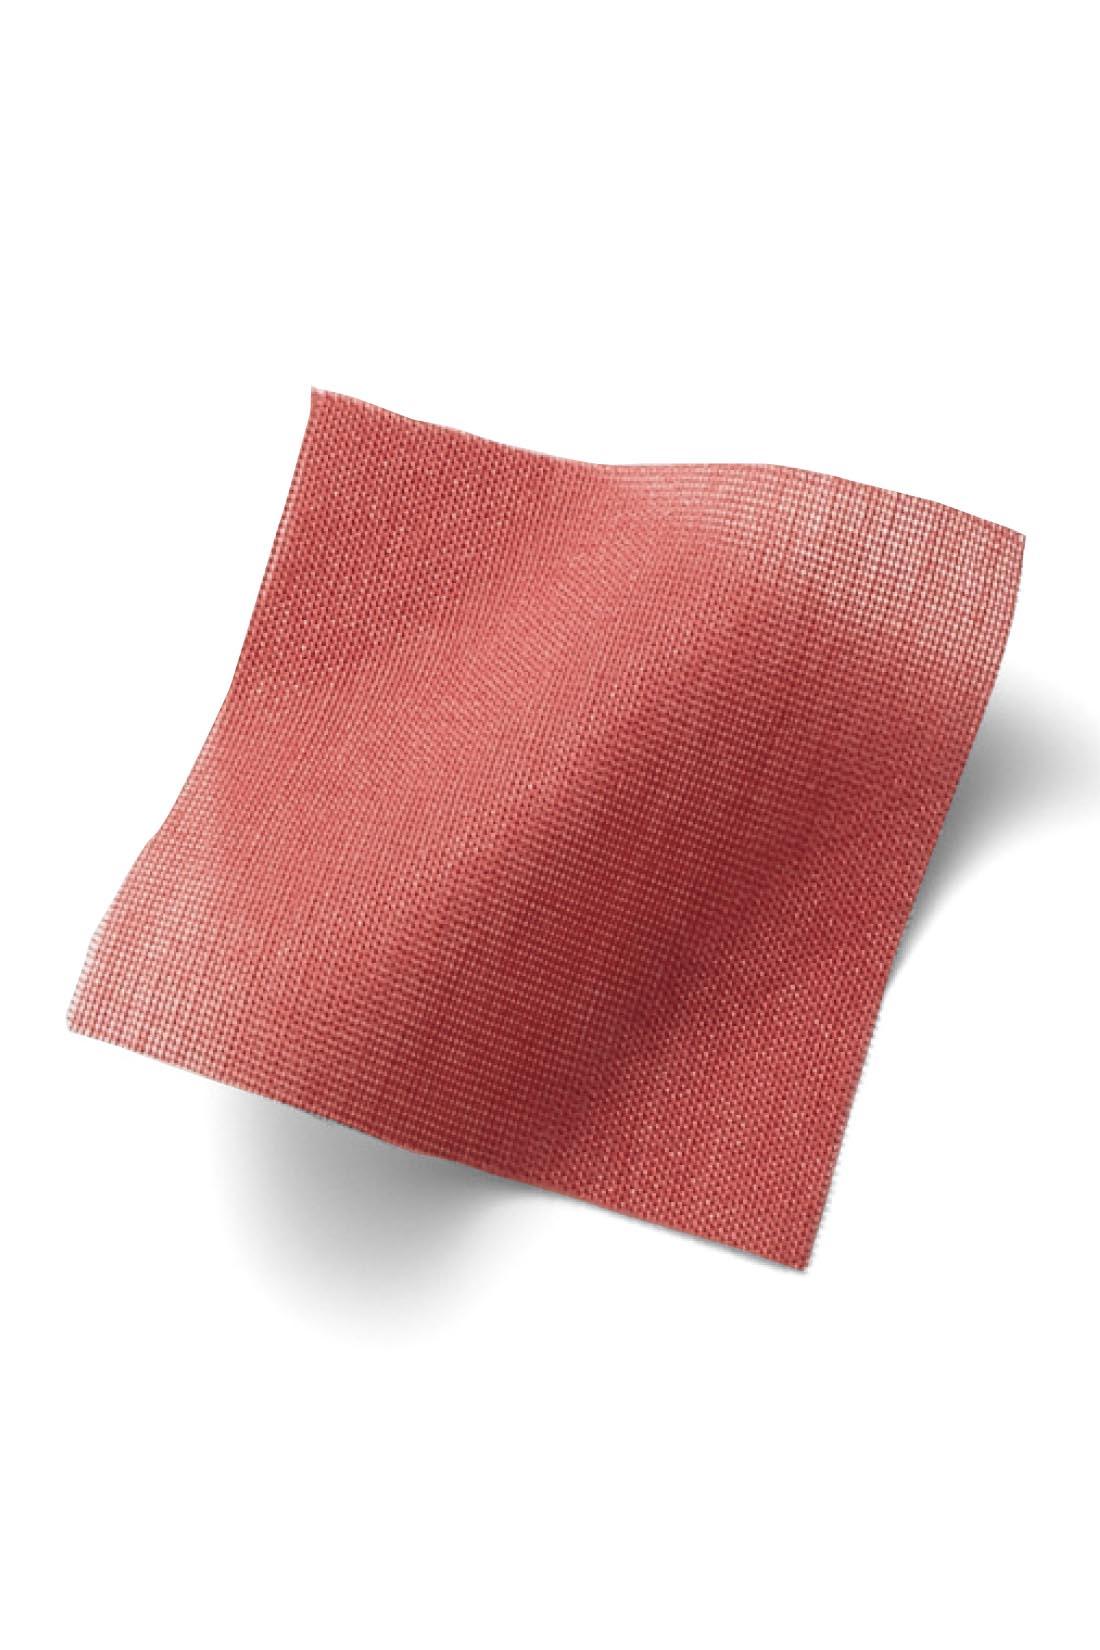 【コットンシルク】 シルク混の上質な光沢感が大人カジュアルを底上げ。 ※お届けするカラーとは異なります。